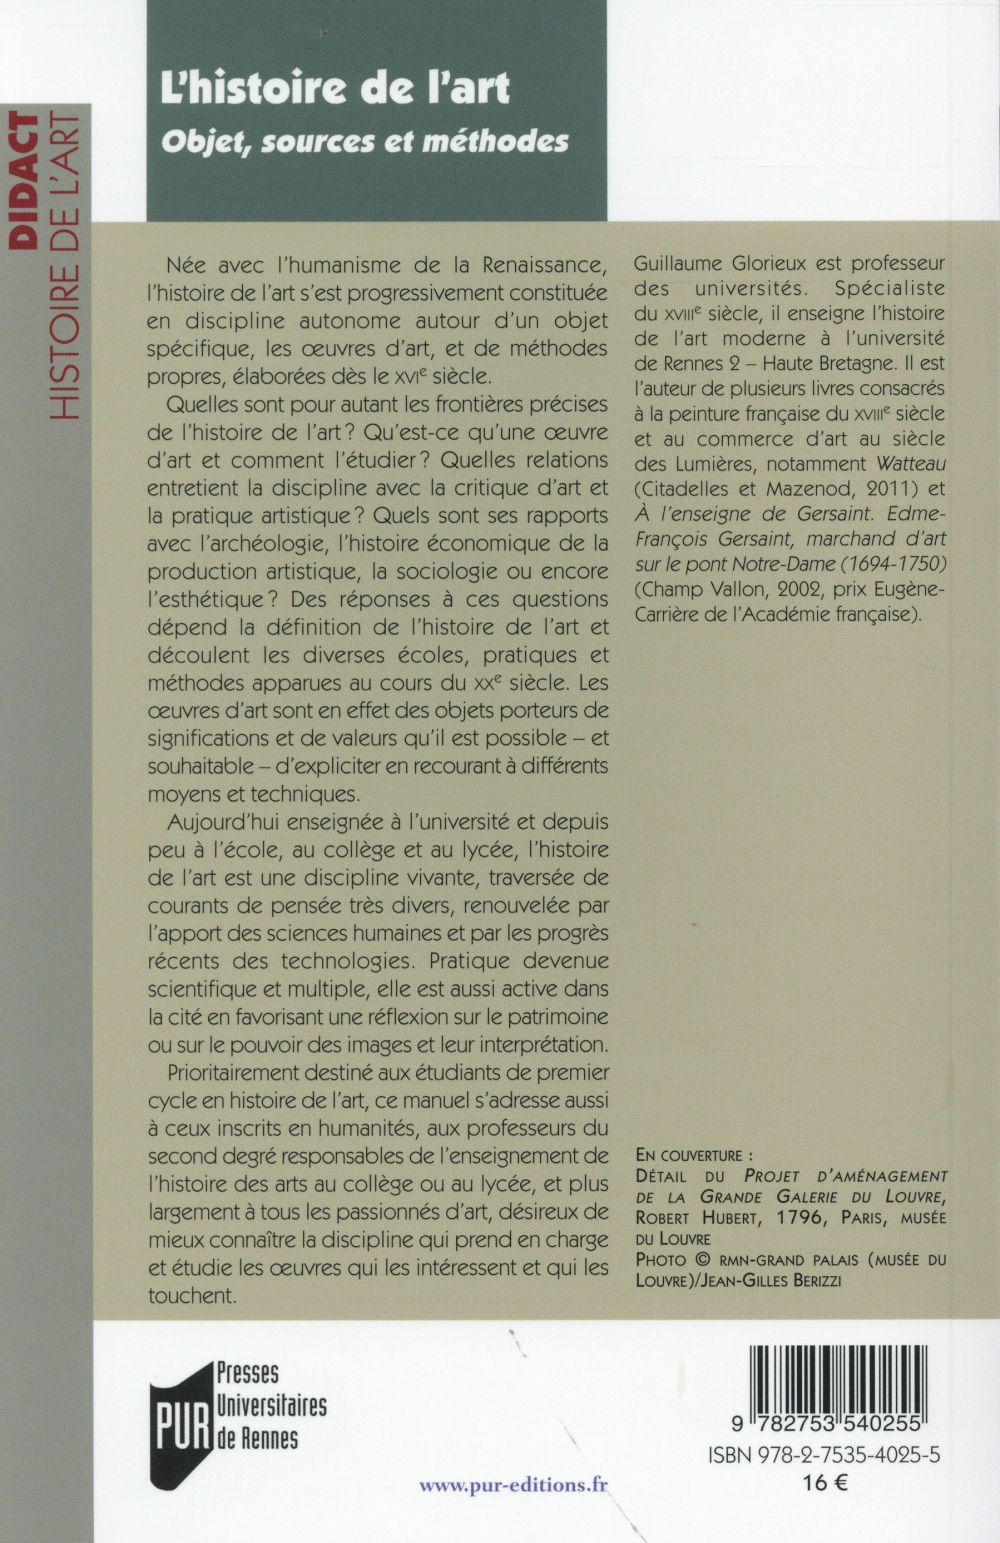 L'histoire de l'art ; objet, sources et méthodes